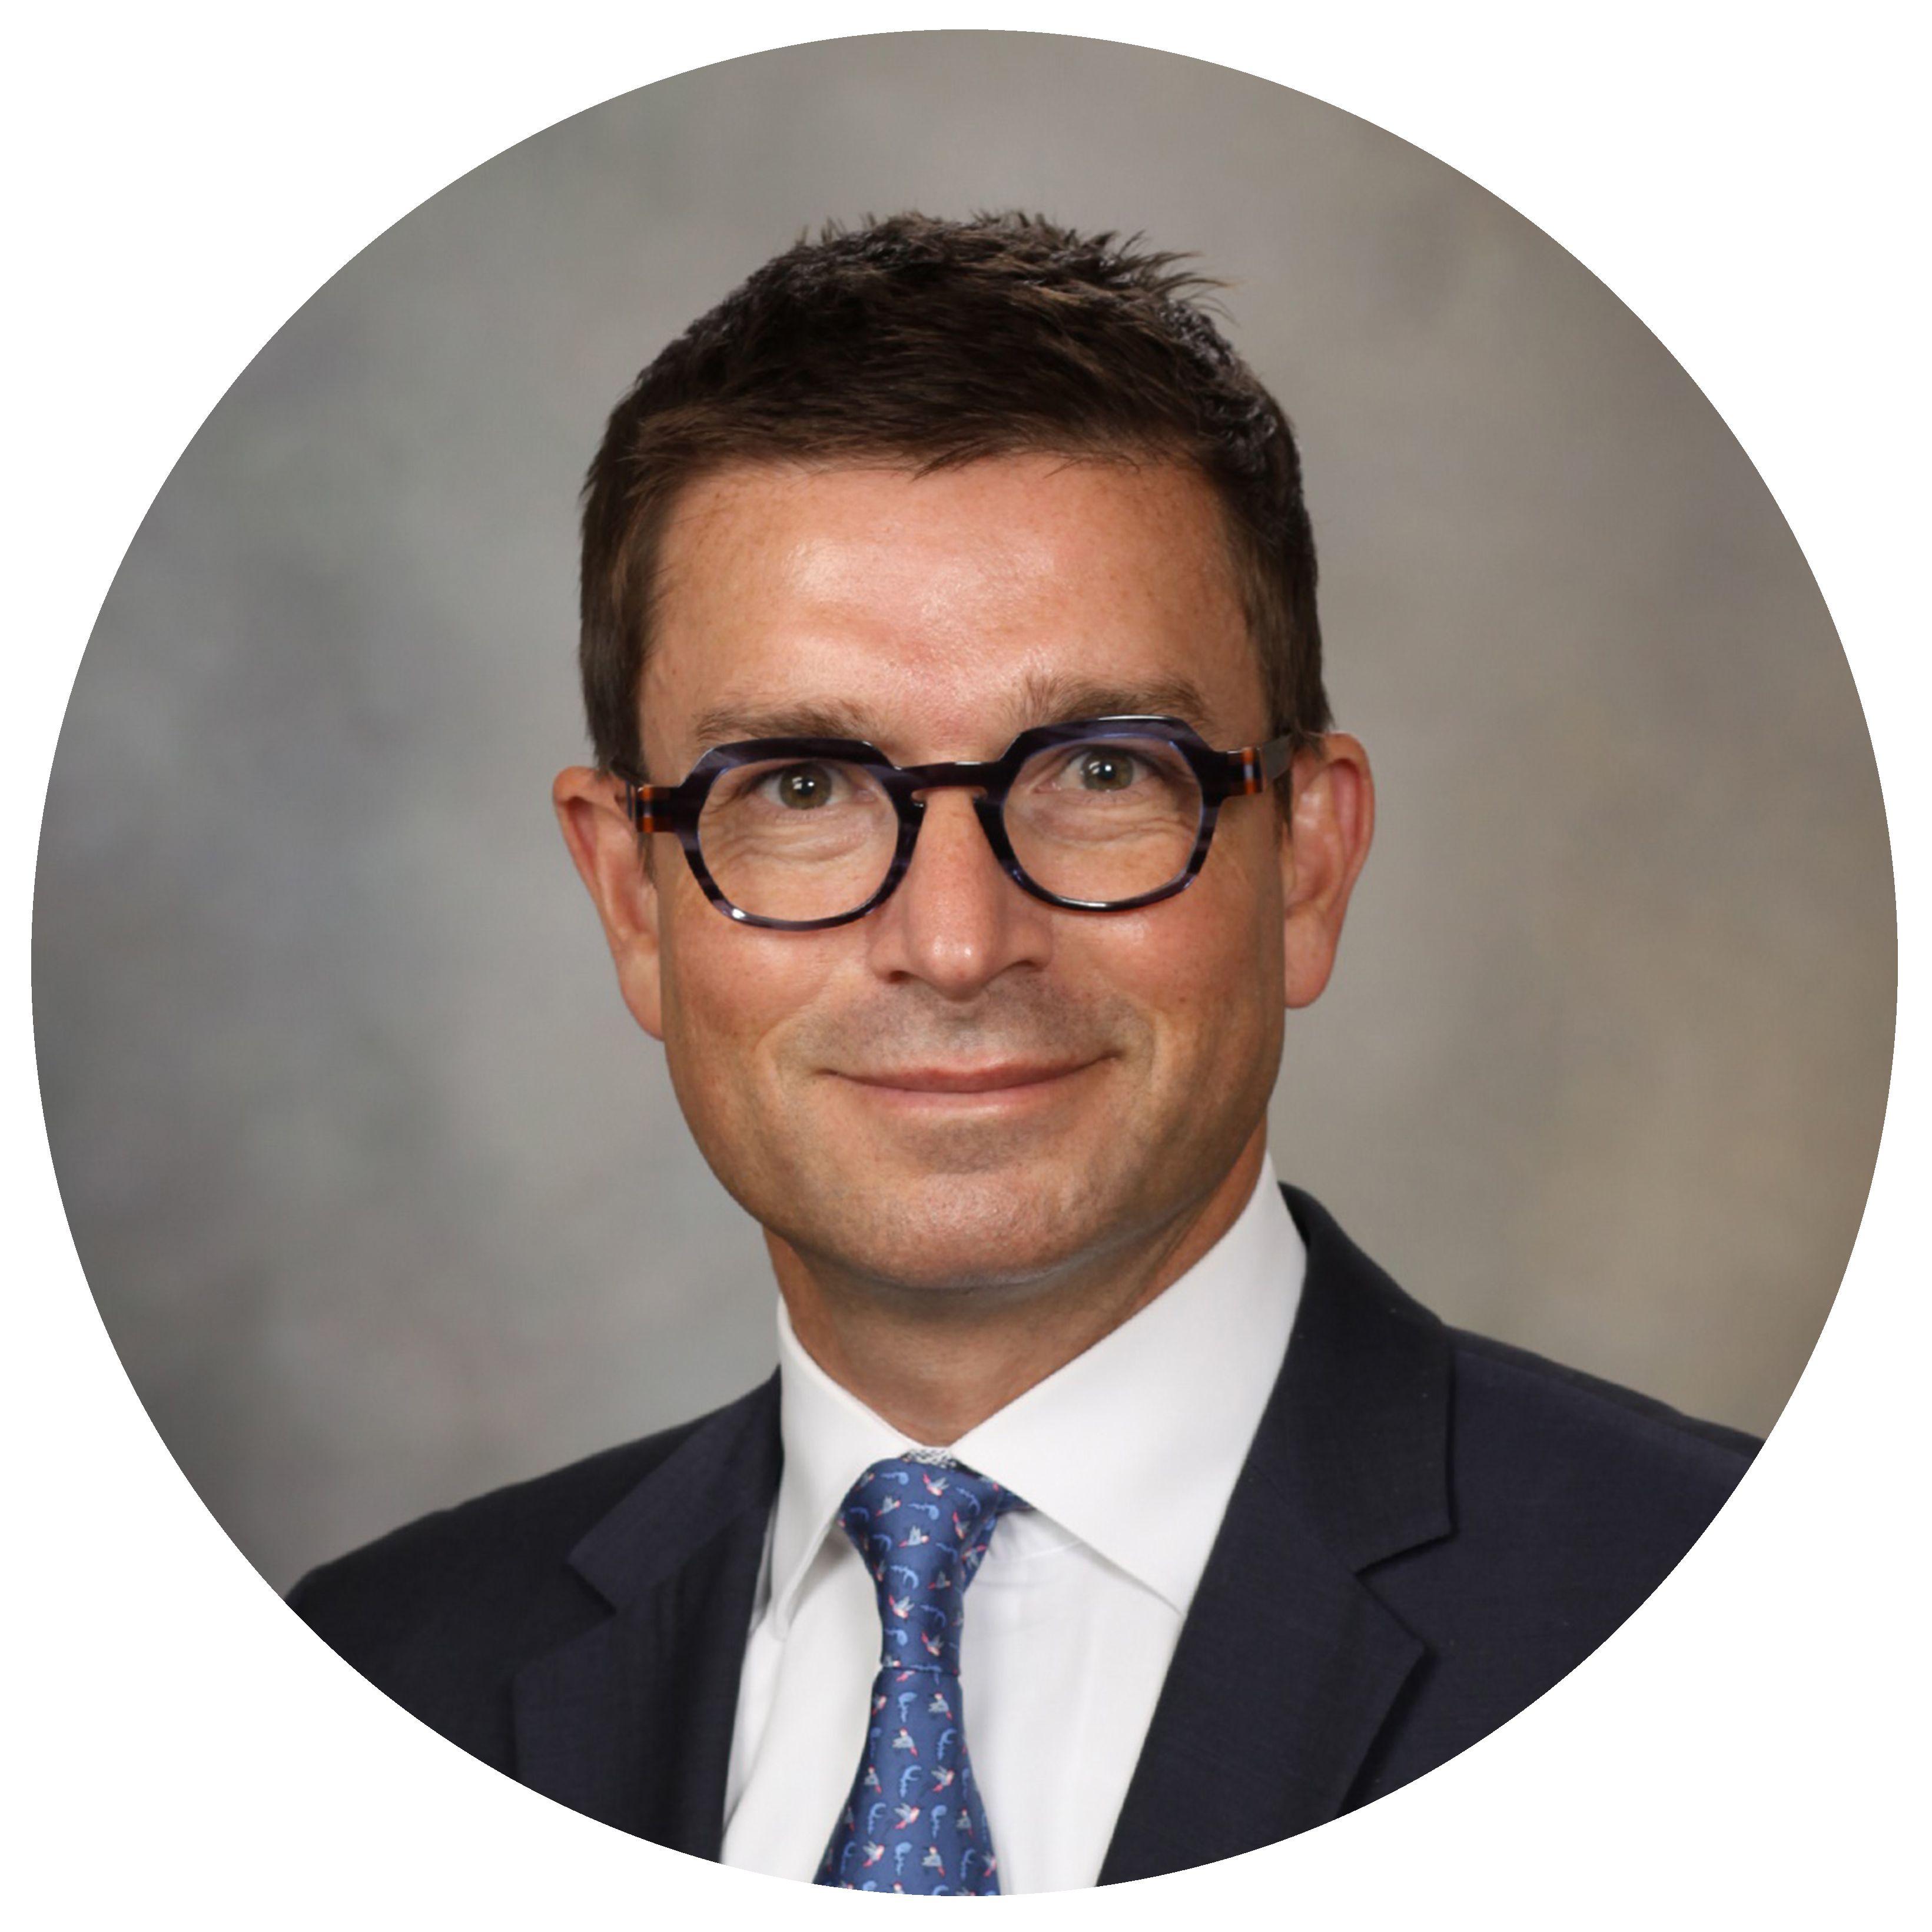 Gustavo Oderich